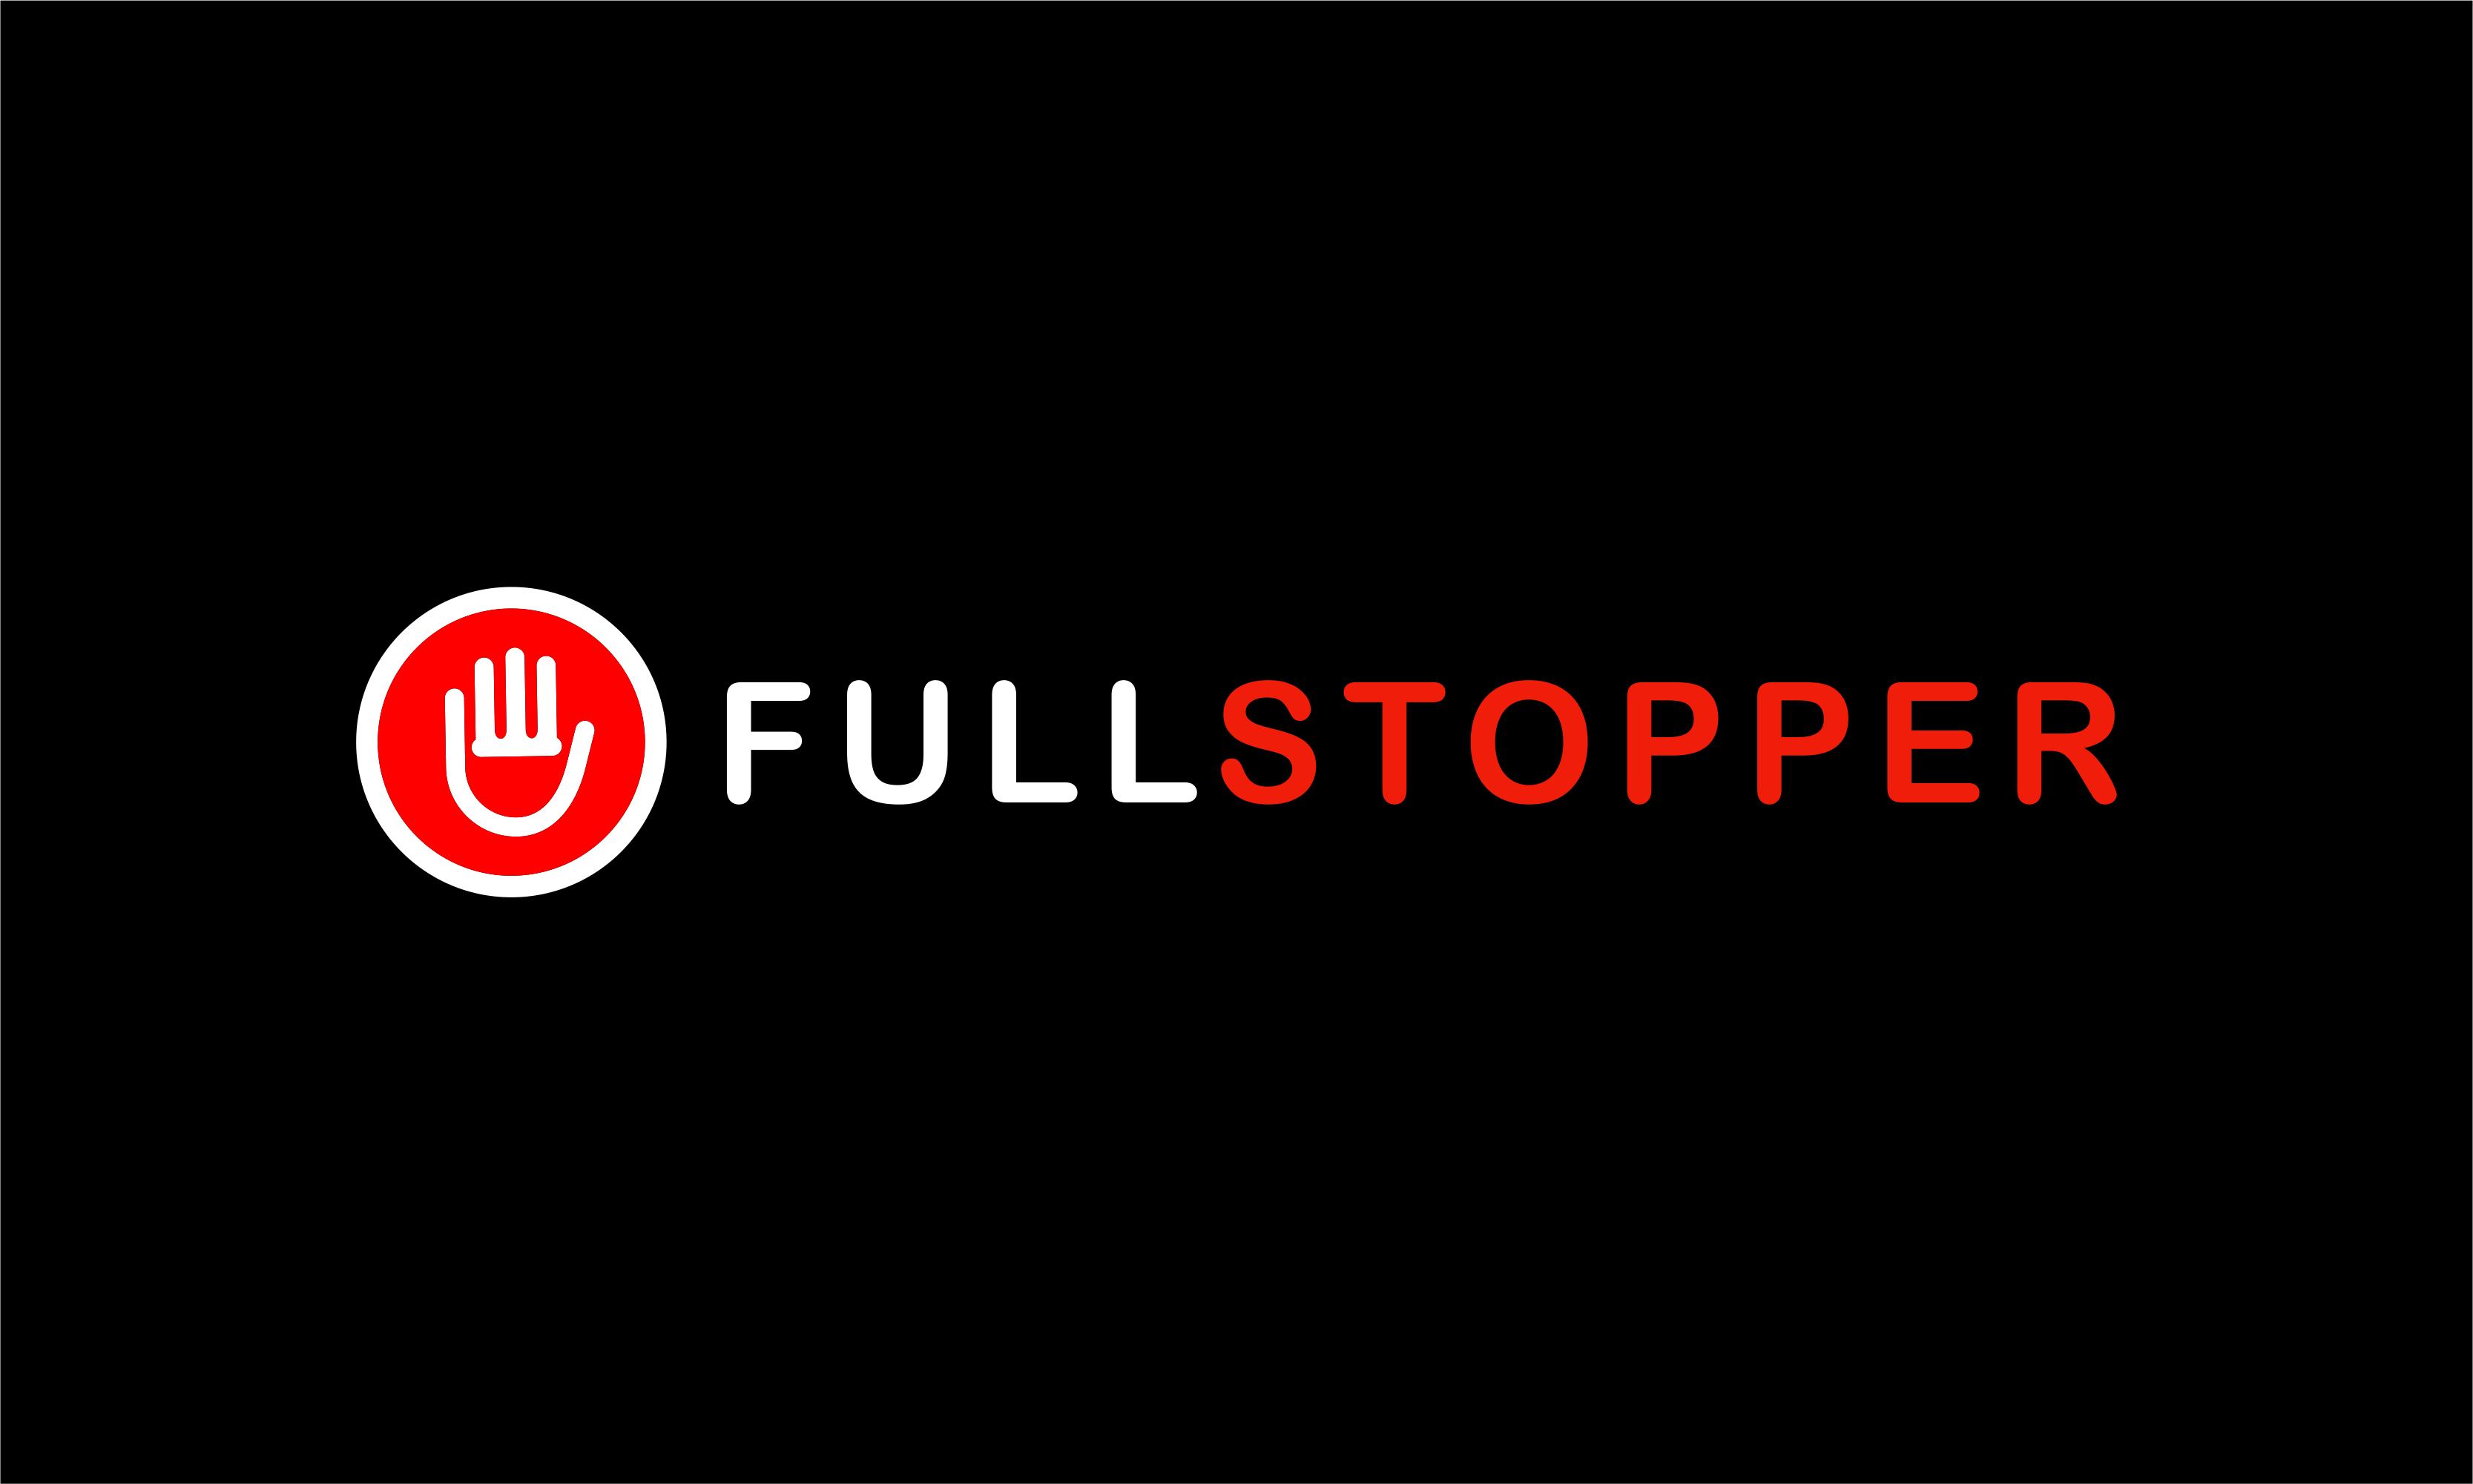 FullStopper